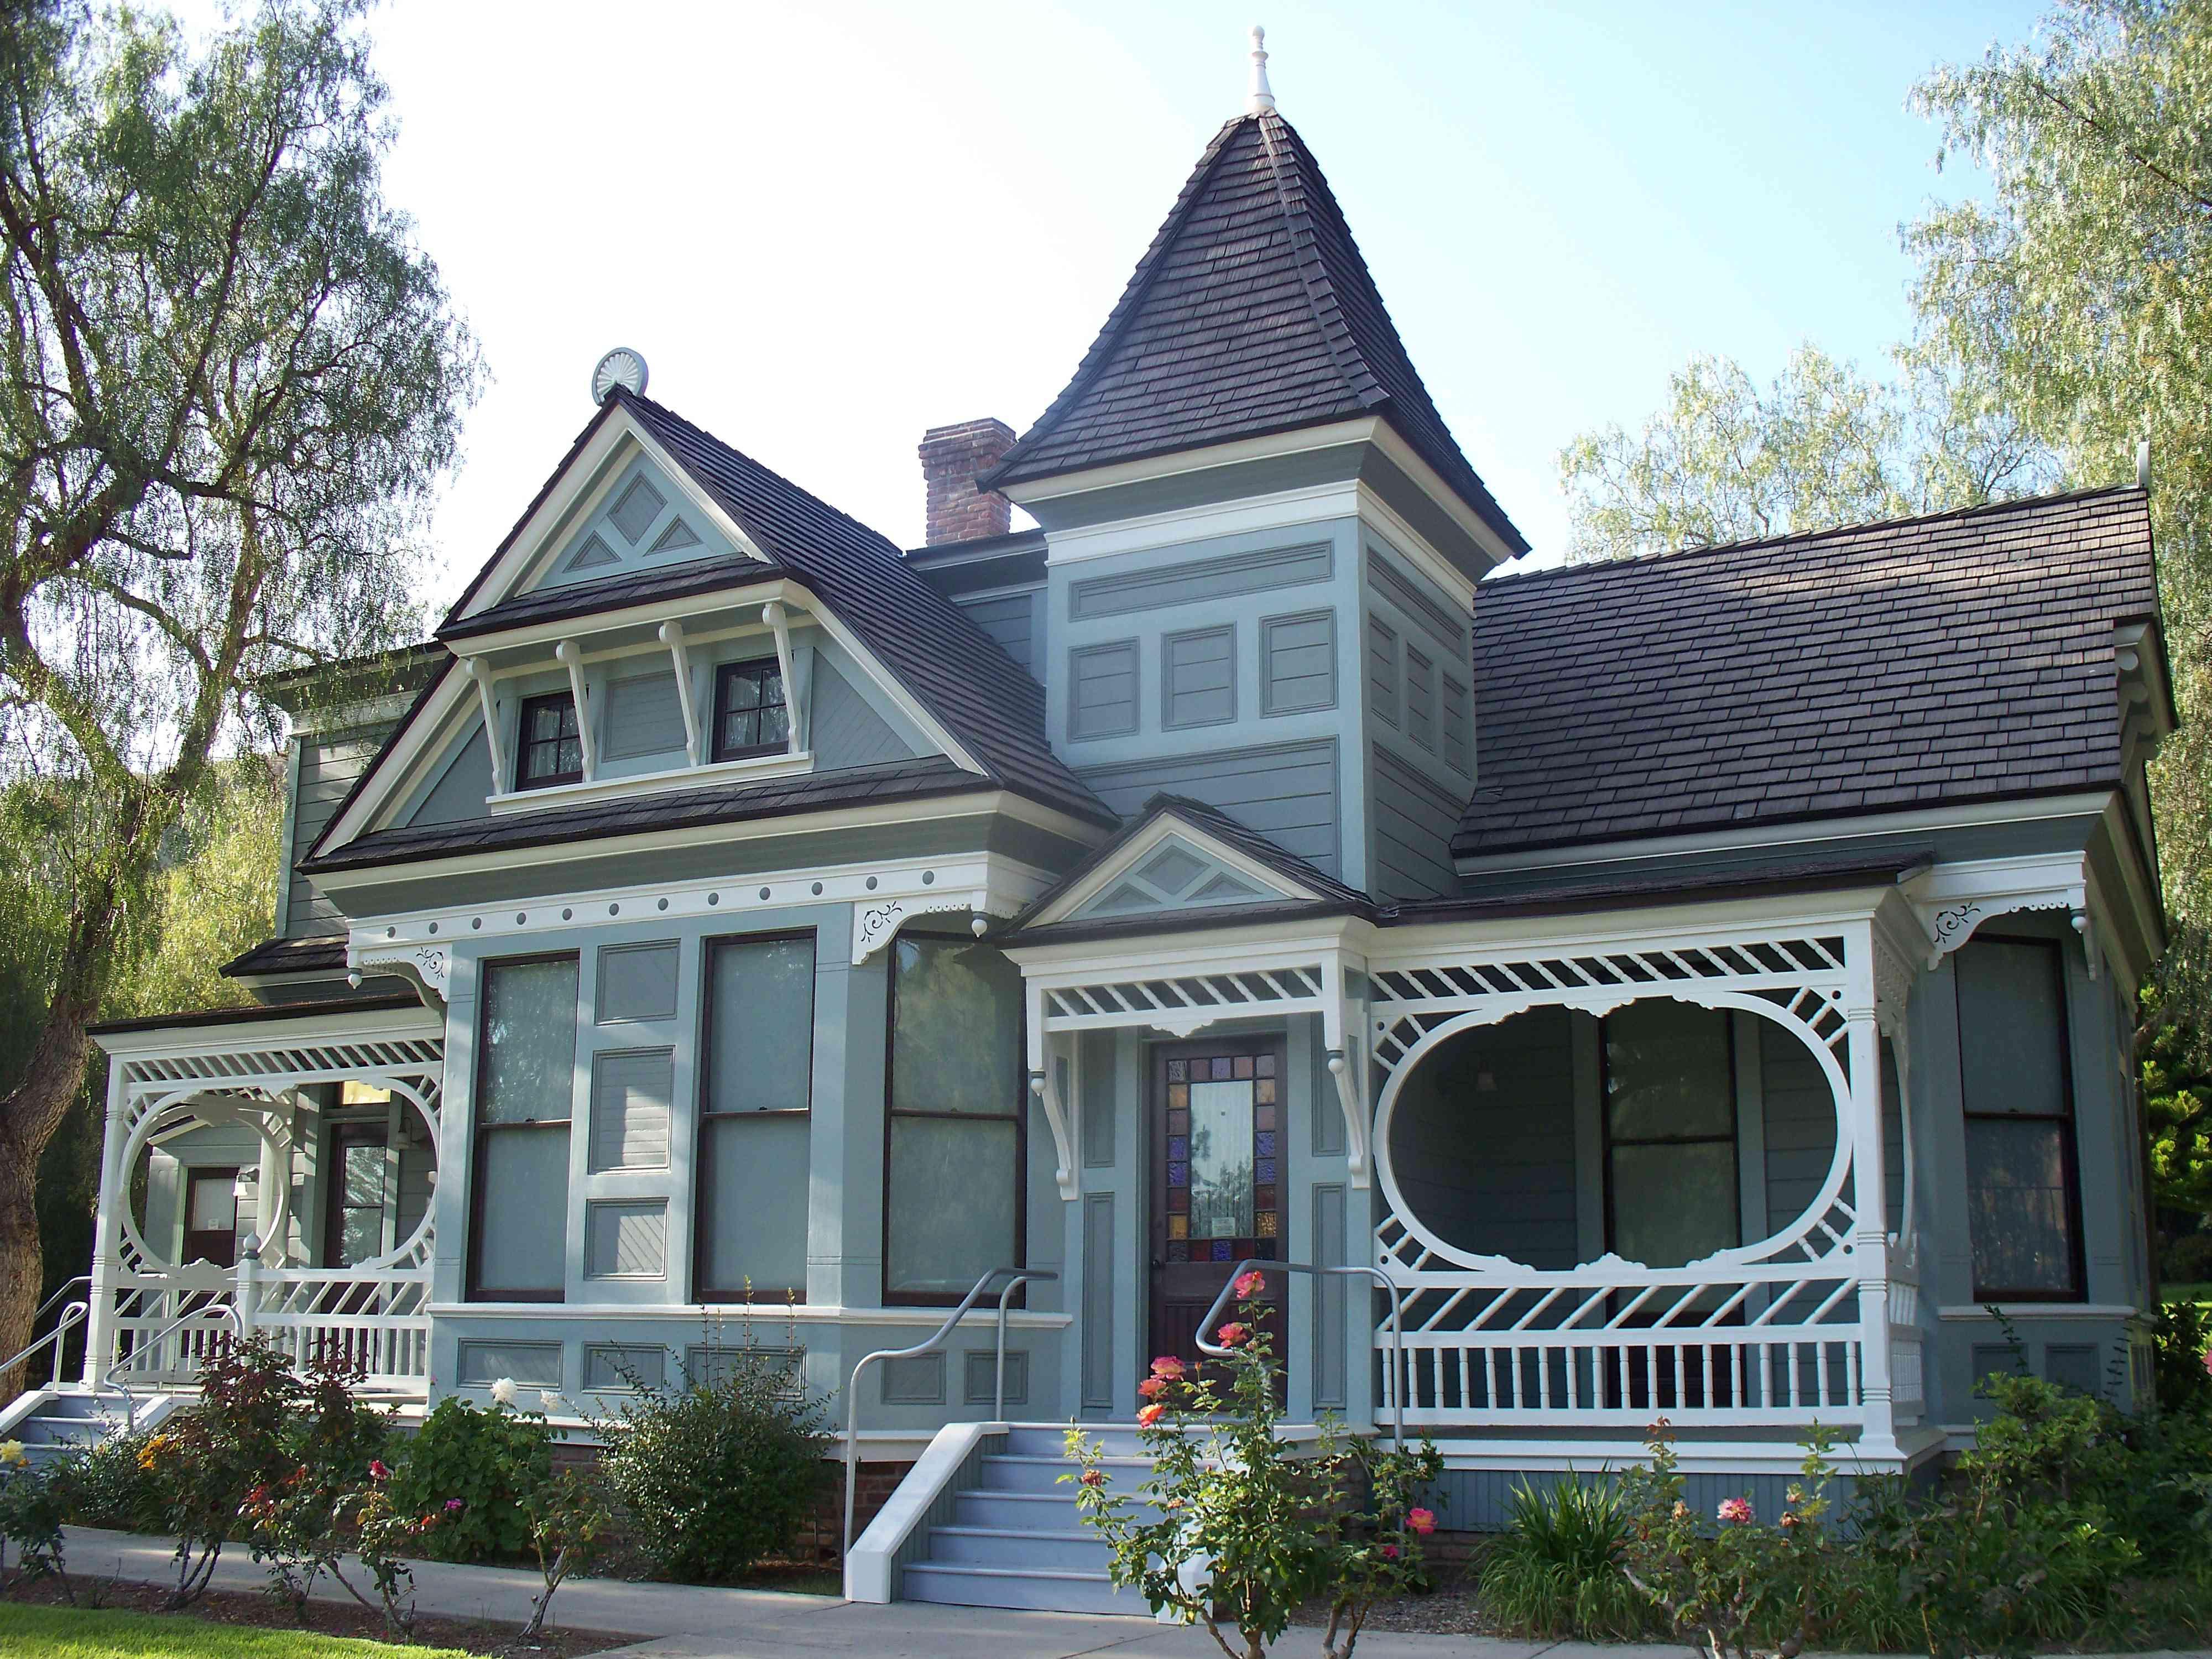 Eastlake style home